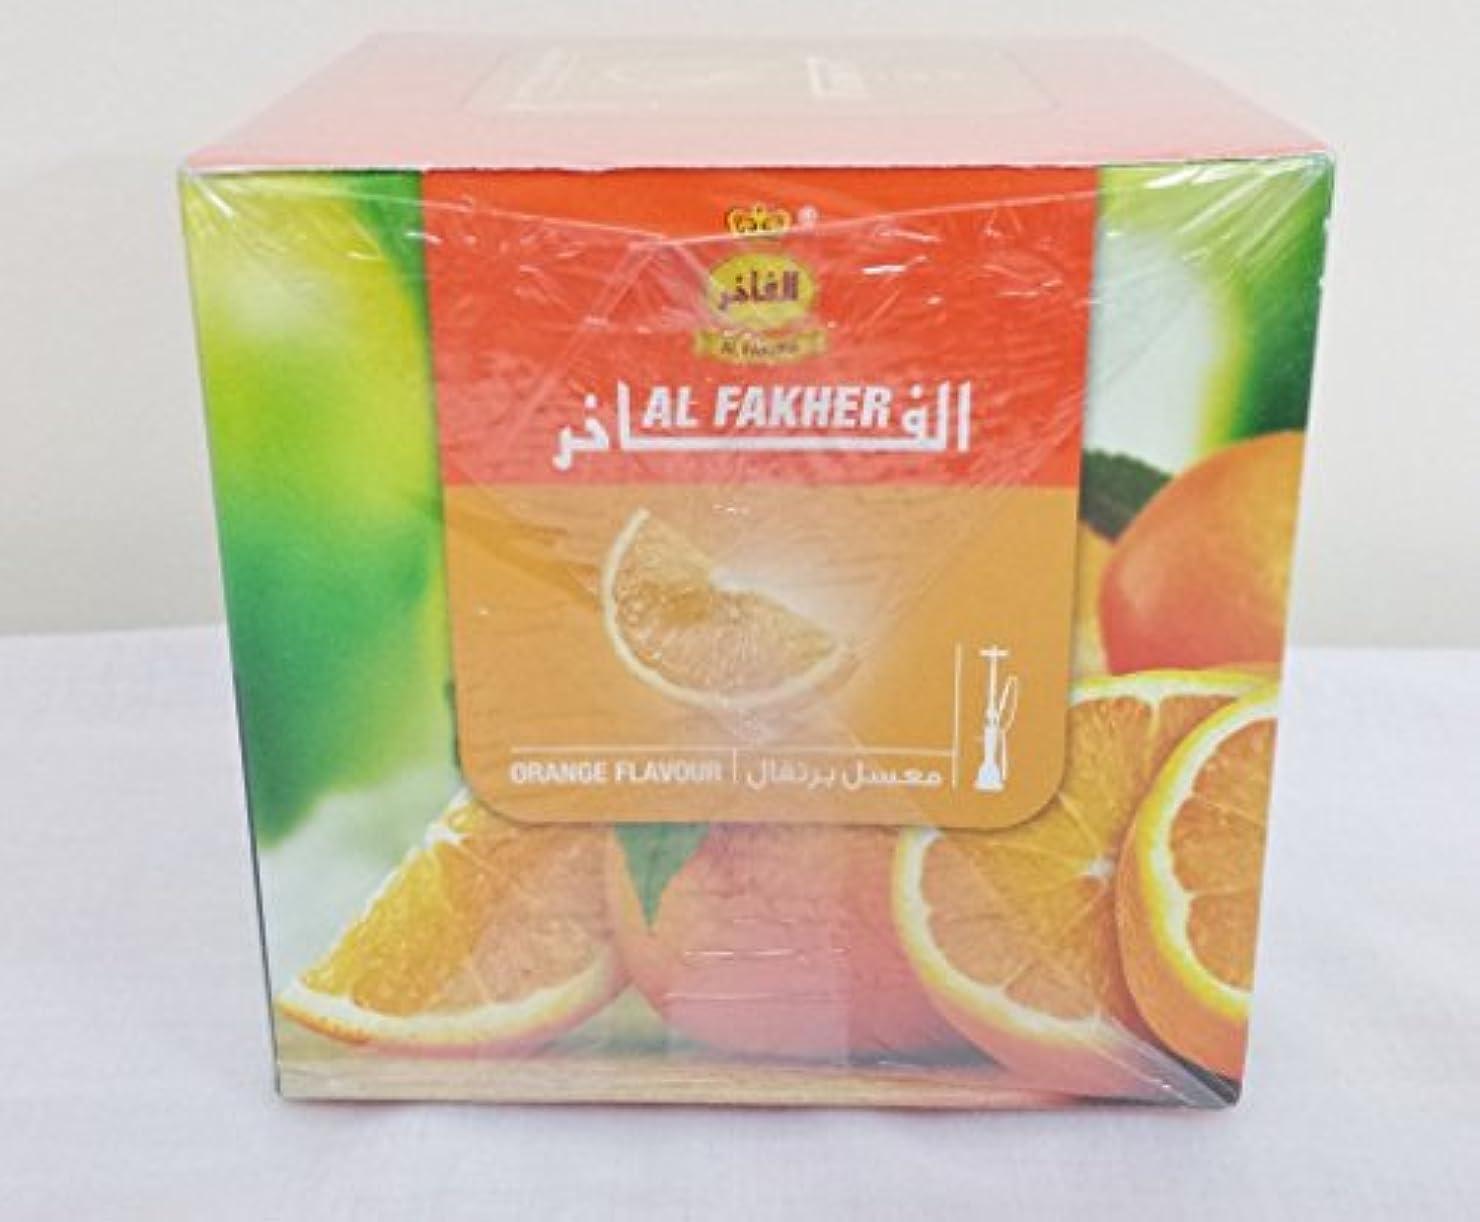 襟苦定説1 kg。Al Fakher Shisha Molasses – NonタバコオレンジFlavour Hookah水パイプ